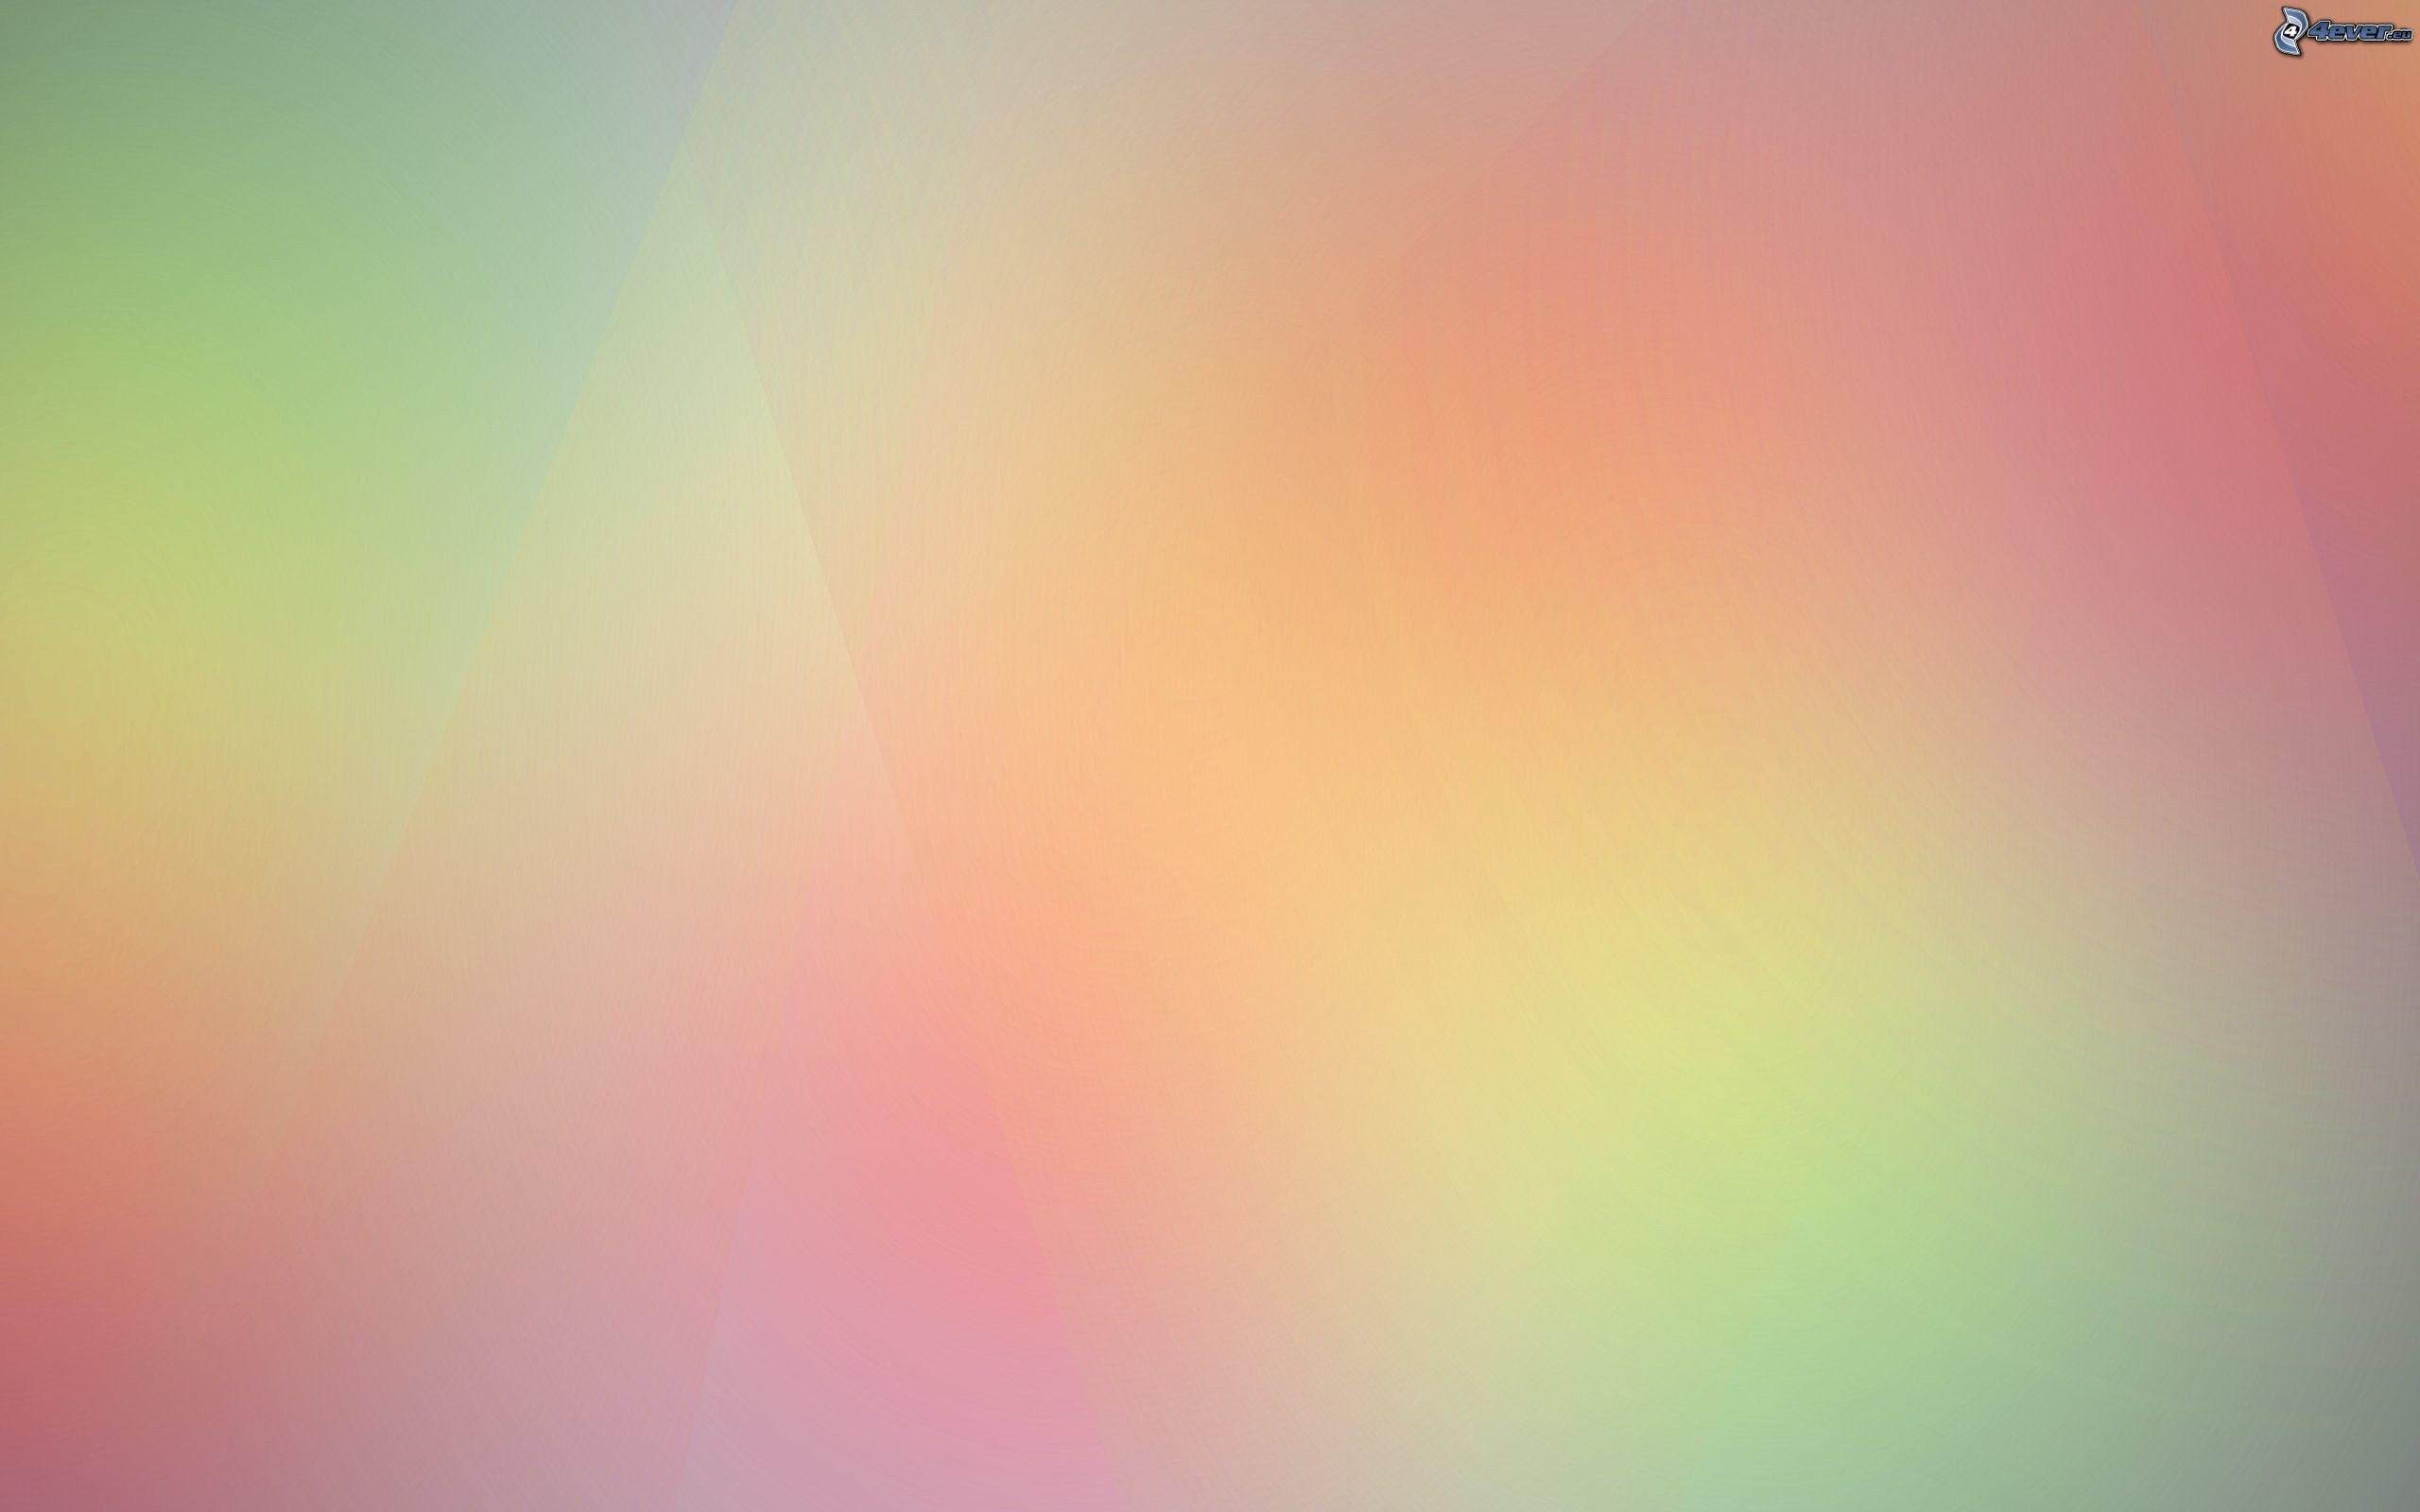 abstrakt dunklen hintergrund bilder - photo #45